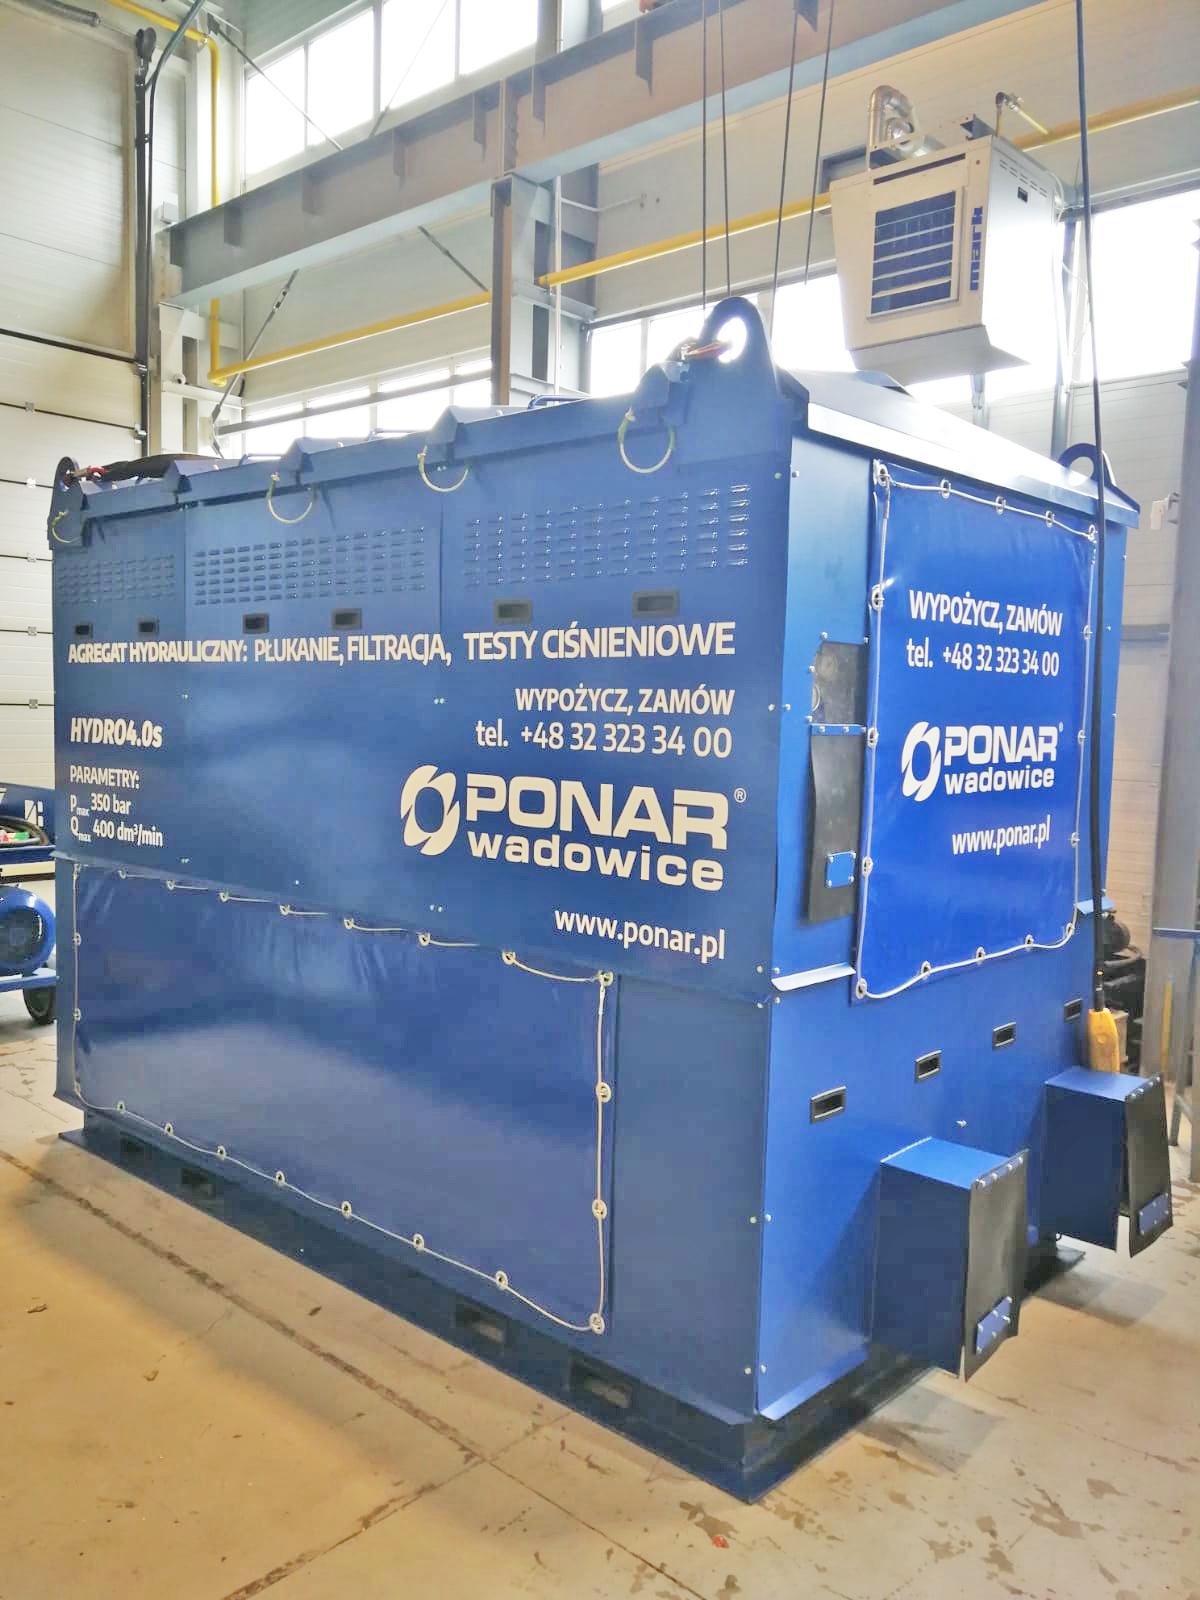 HYDRO4.0s - agregat hydrauliczny do płukania, filtracji i testów ciśnieniowych